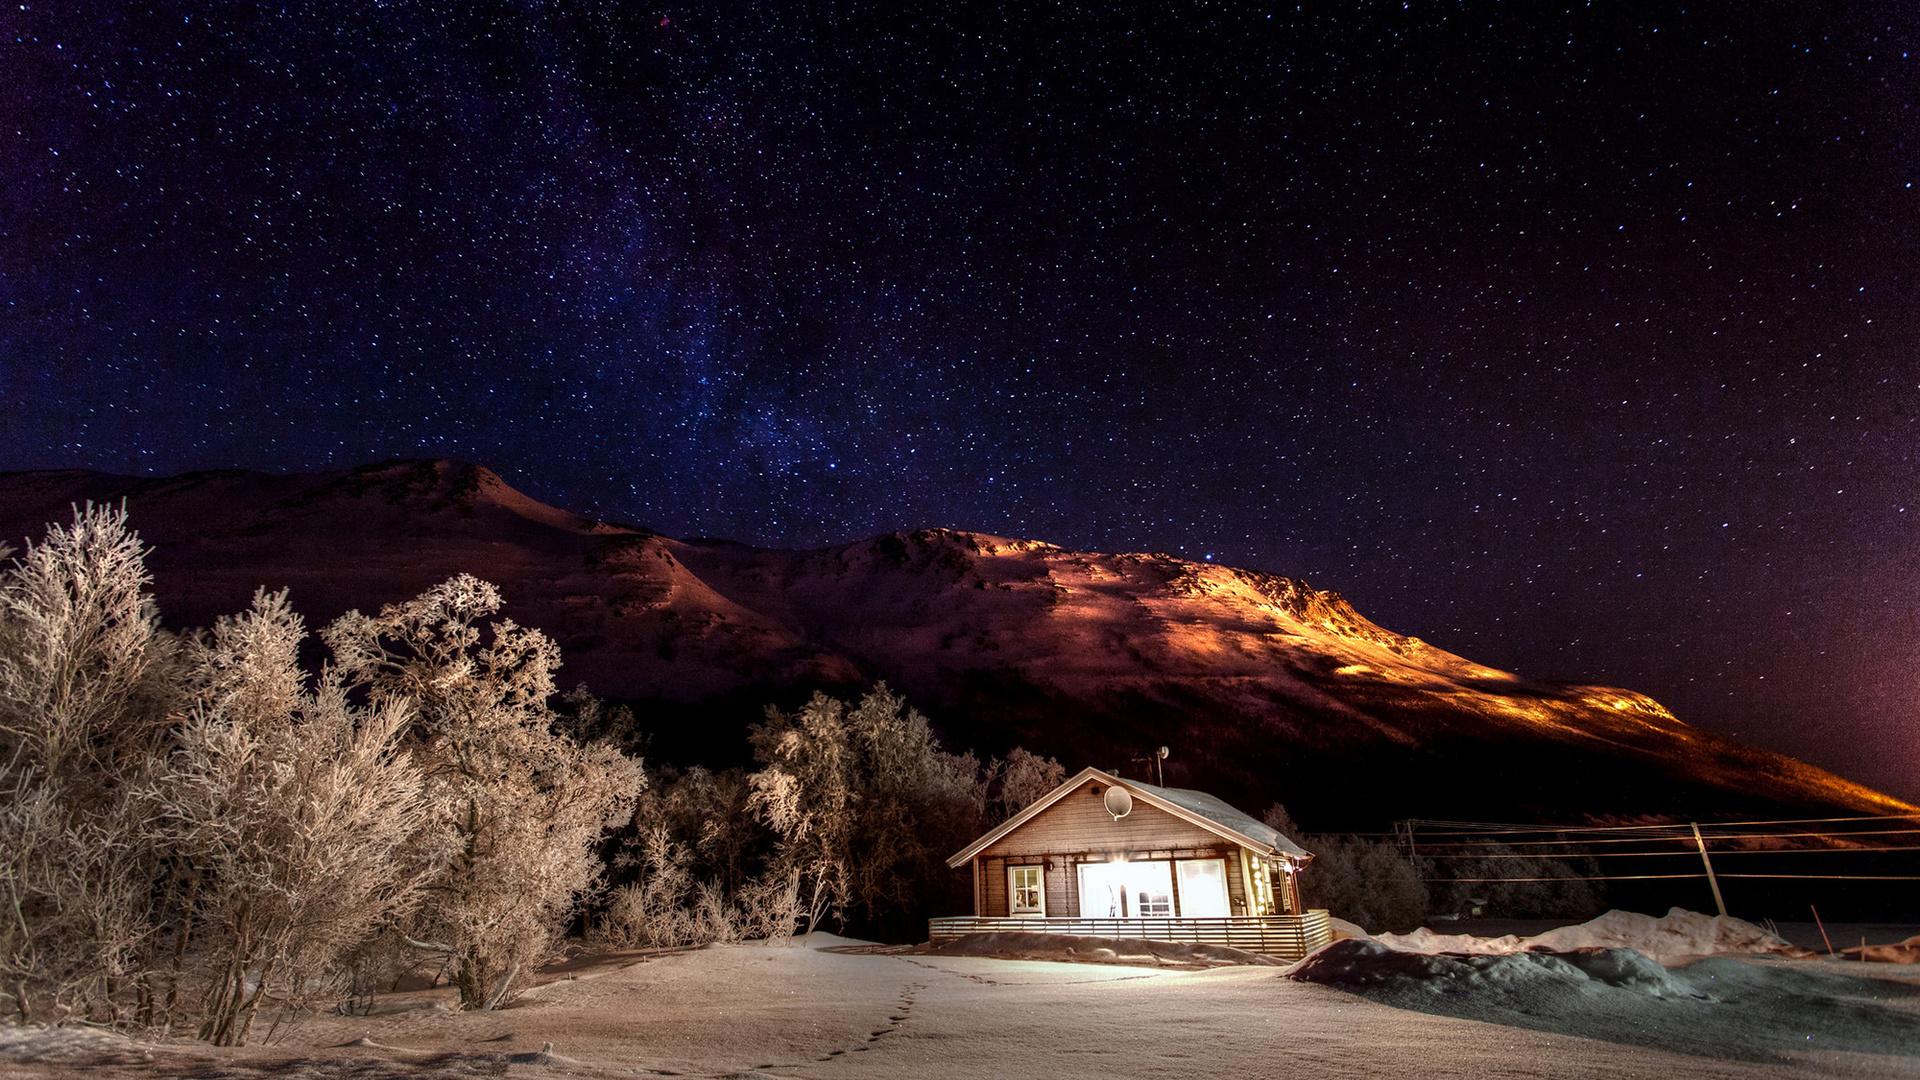 природа, пейзаж, горы, деревья, дом, коттедж, зима, снег, ночь, небо, звёзды